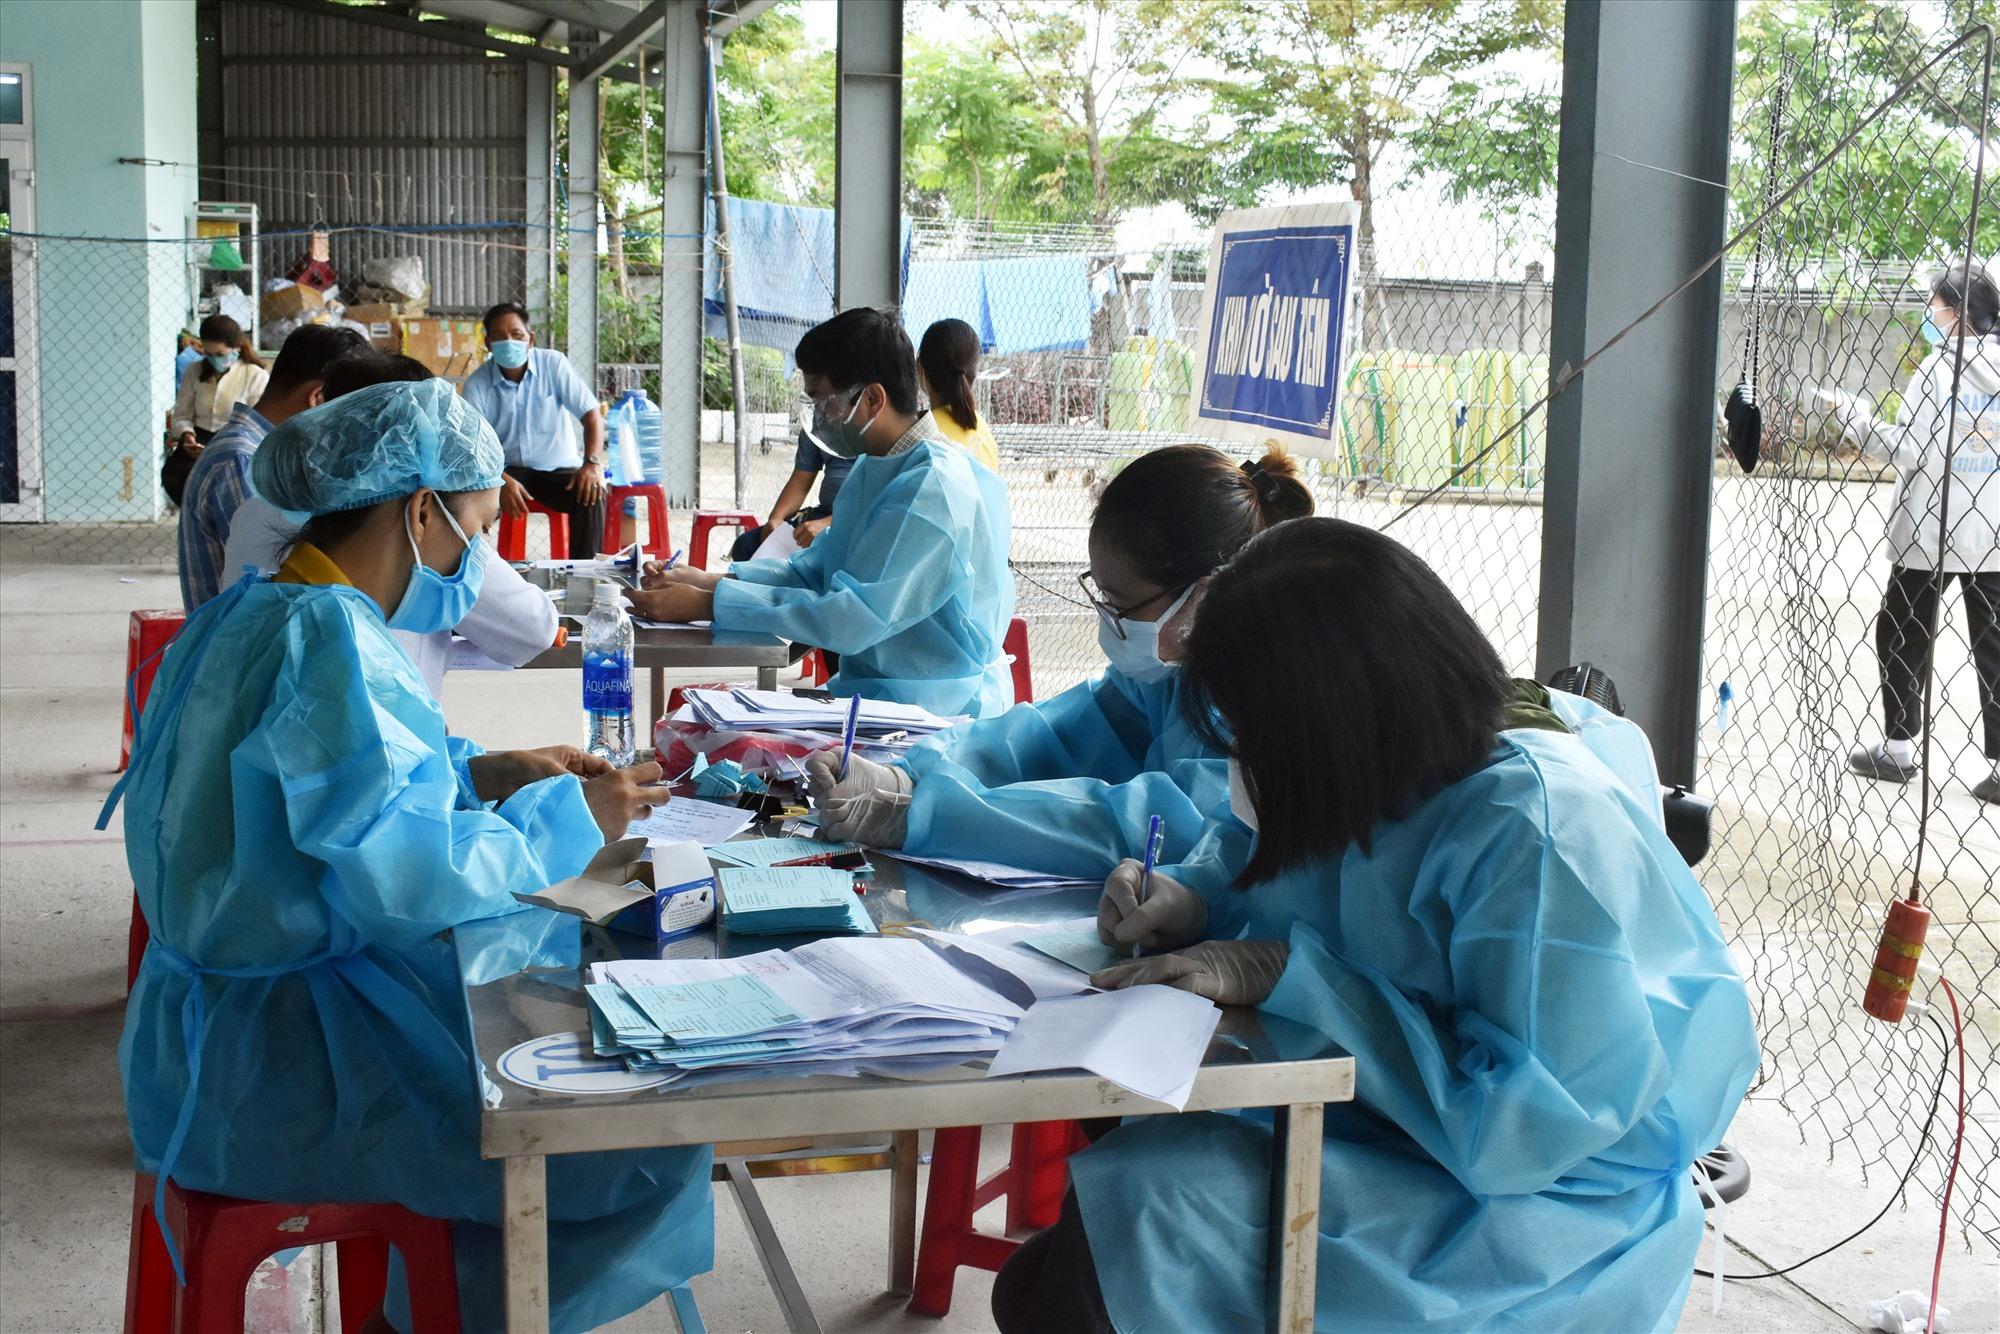 Việc tầm soát xét nghiệm và tổ chức giãn cách tại nơi làm việc sẽ giúp hạn chế dịch bệnh lây lan trong khu công nghiệp. Ảnh: V.LỘC